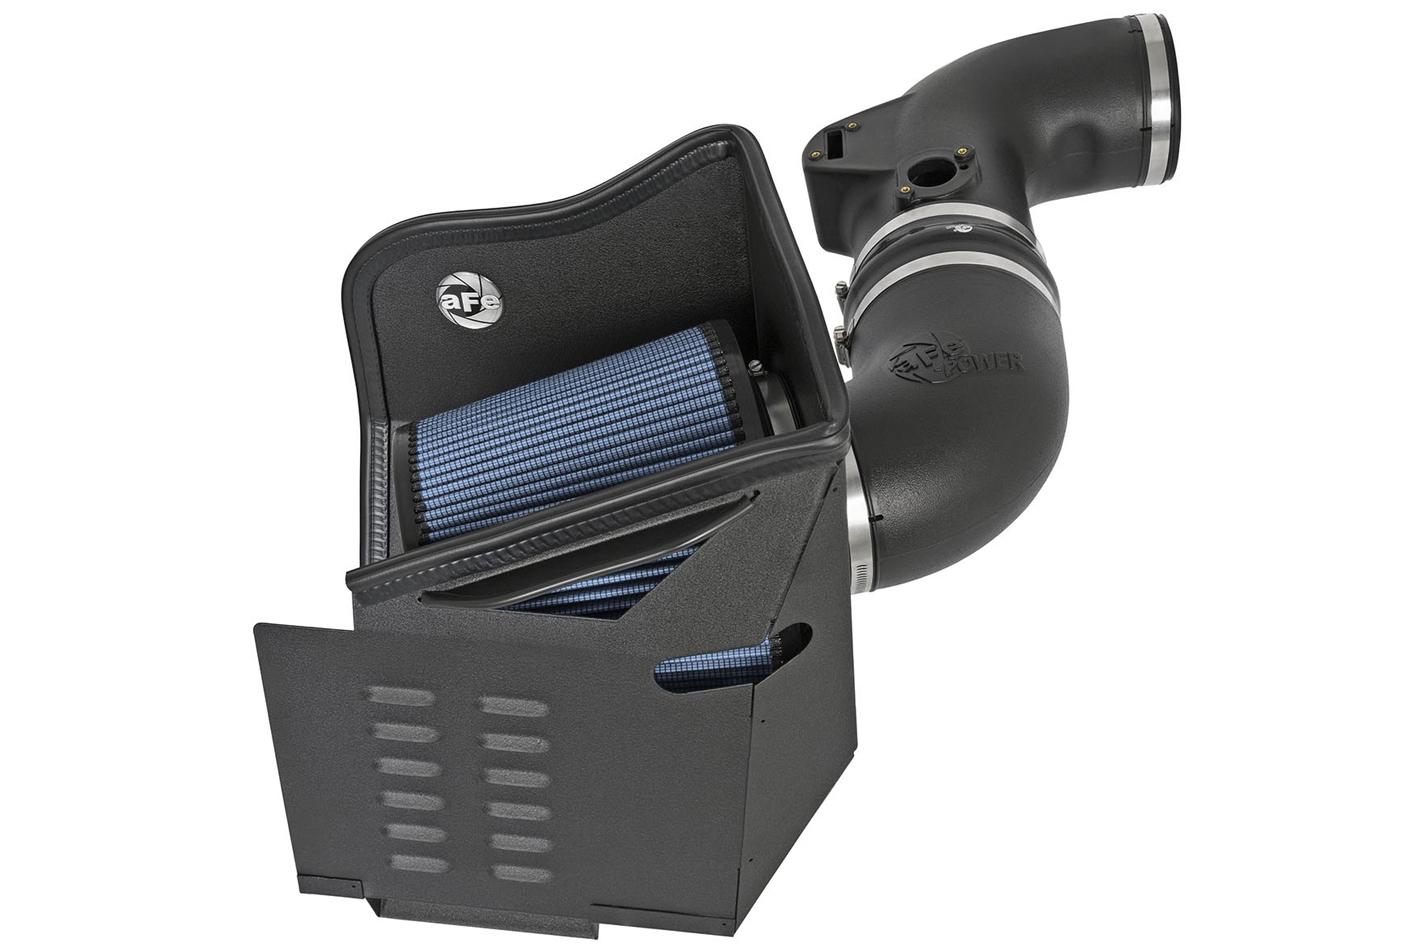 Afe Power Air Intake System 11-16 GM 6.6L Diesel